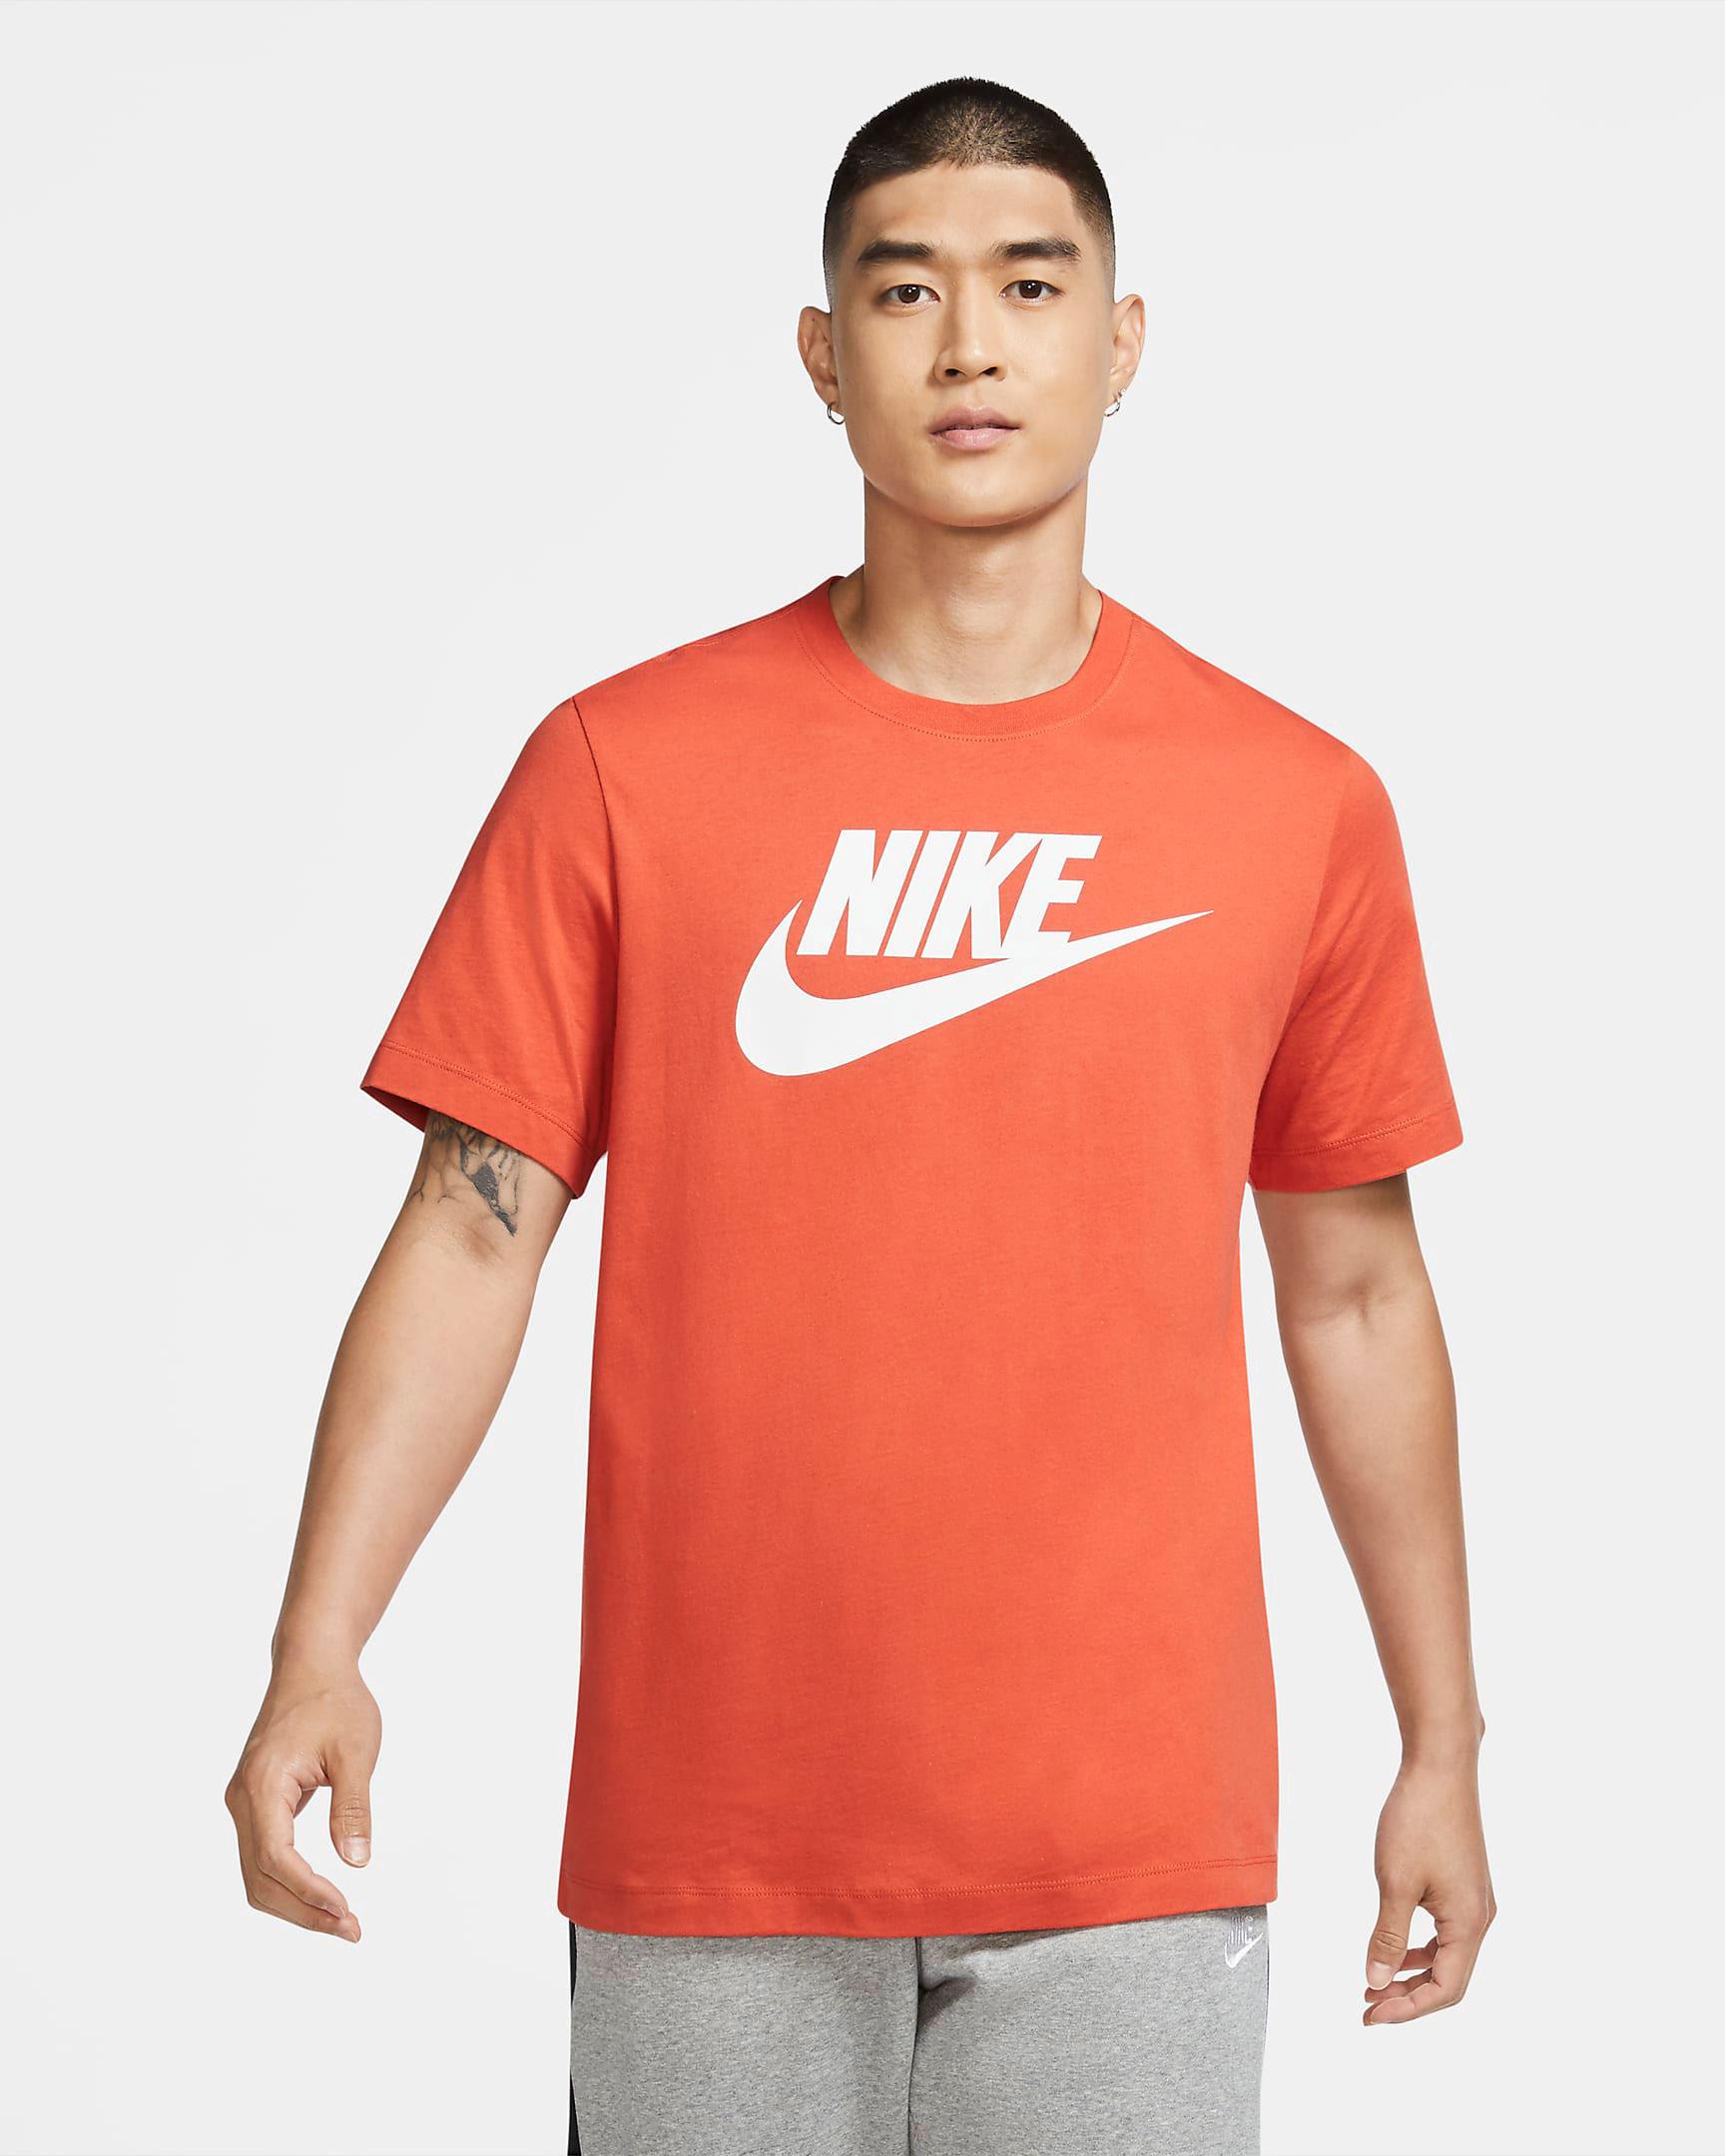 nike-air-force-1-orange-skeleton-shirt-match-1